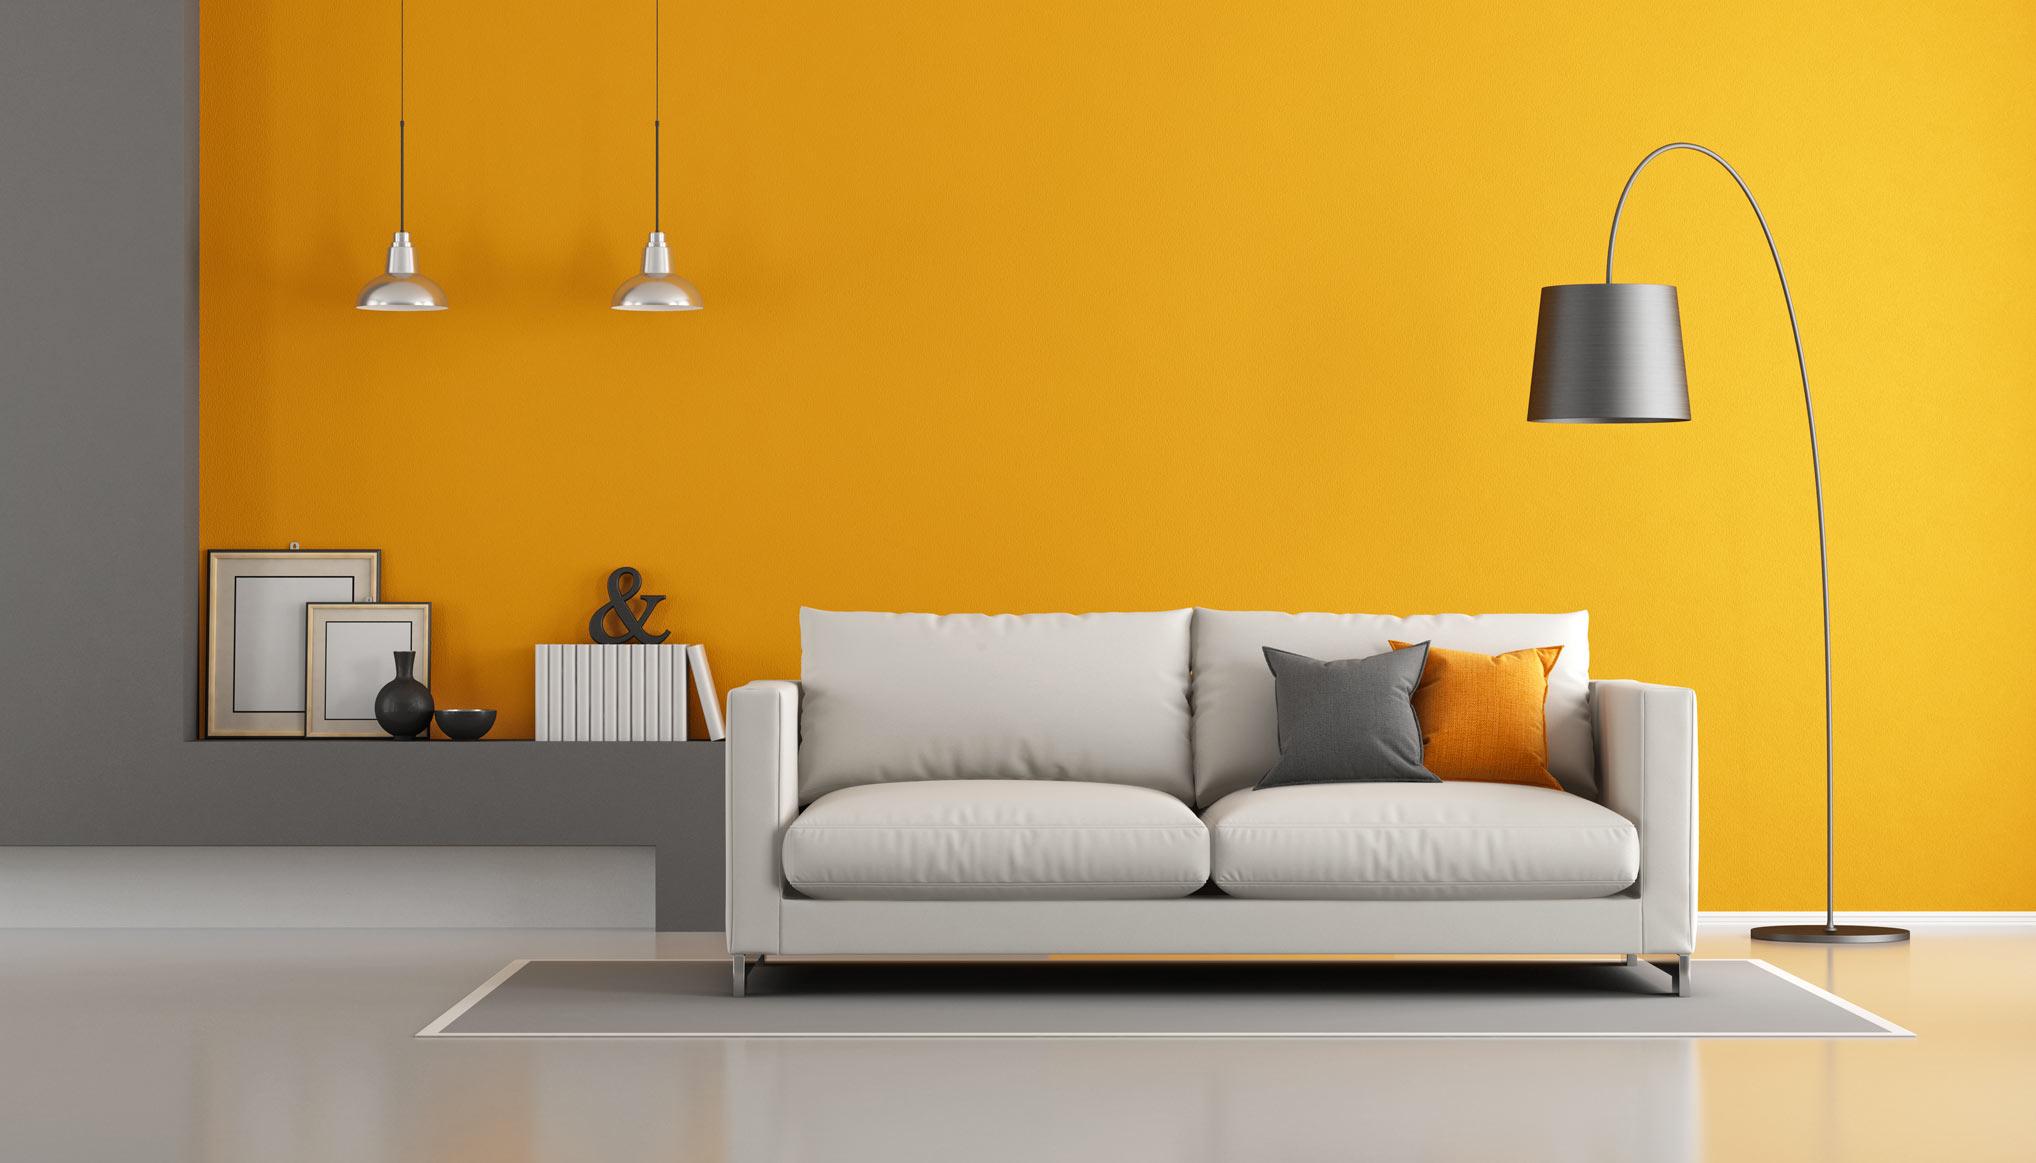 Colori Per Pareti Casa Moderna colori pareti soggiorno: 25 idee di abbinamento per un